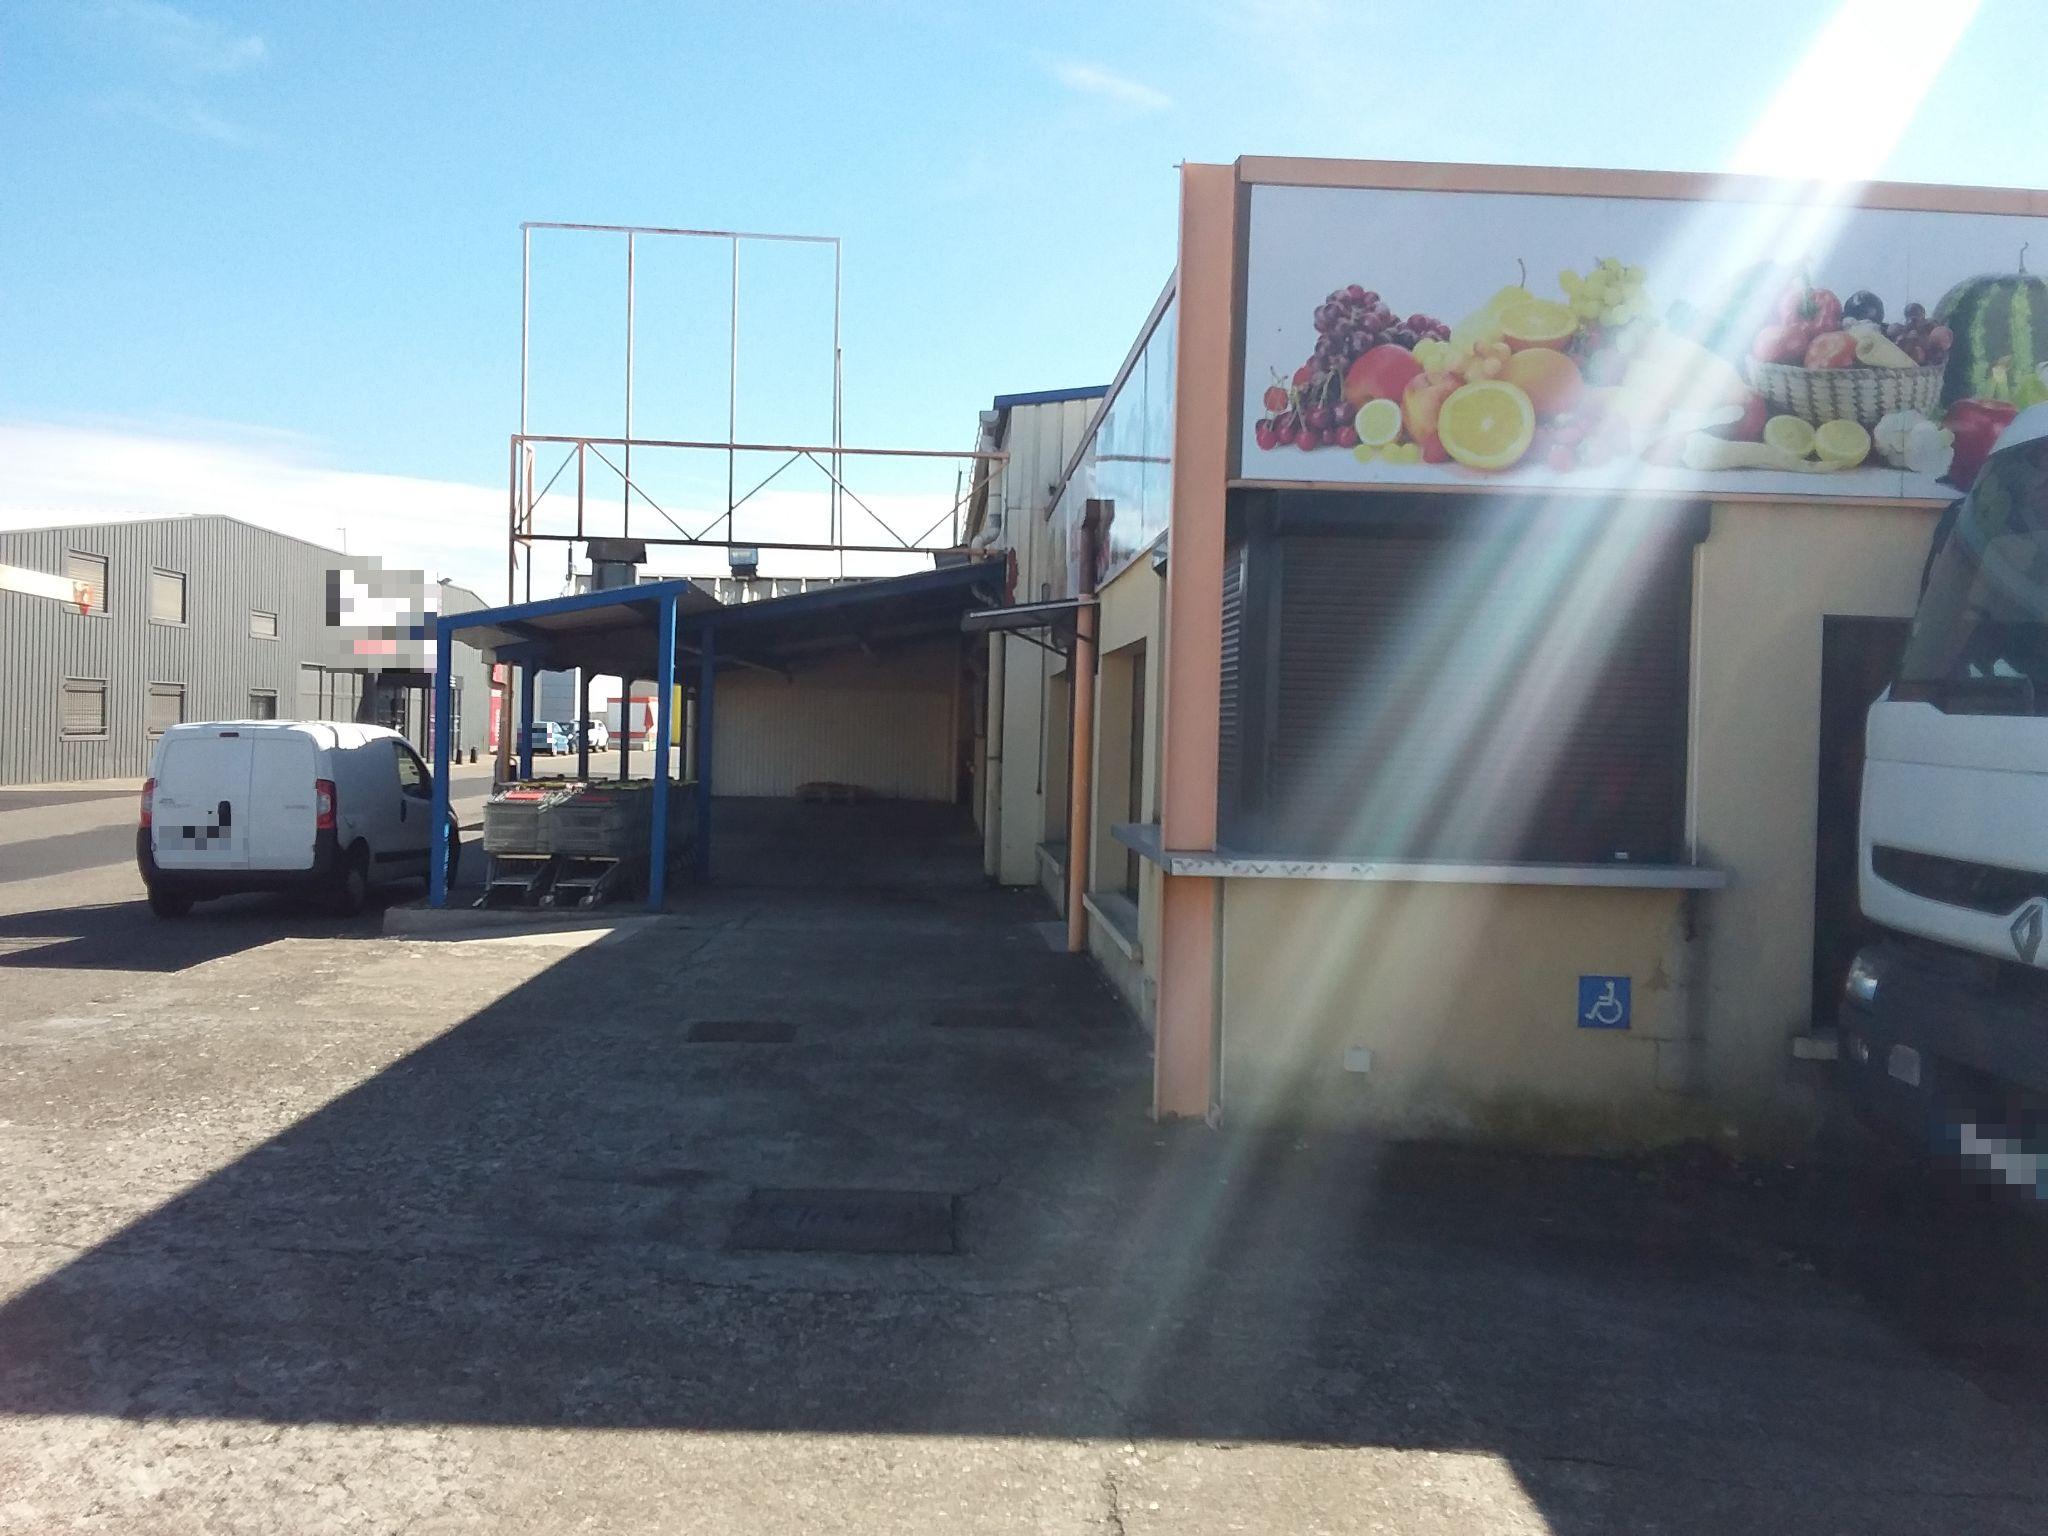 Vente Local commercial avec extraction actuellement Alimentation à Cournon-d'Auvergne dans une zone d'activité (63800)